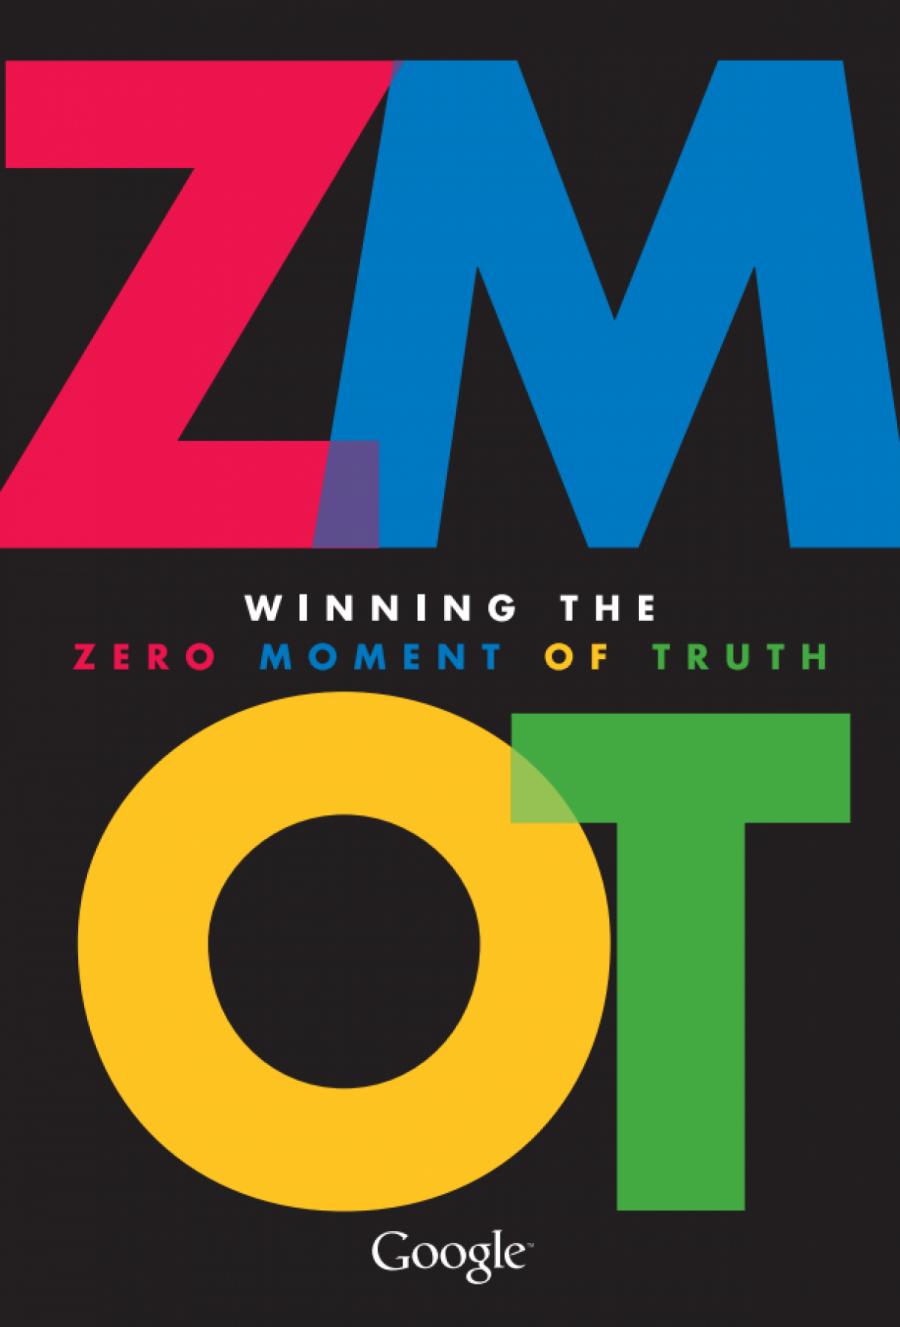 Джим Лесински - Завоевание нулевого момента истины